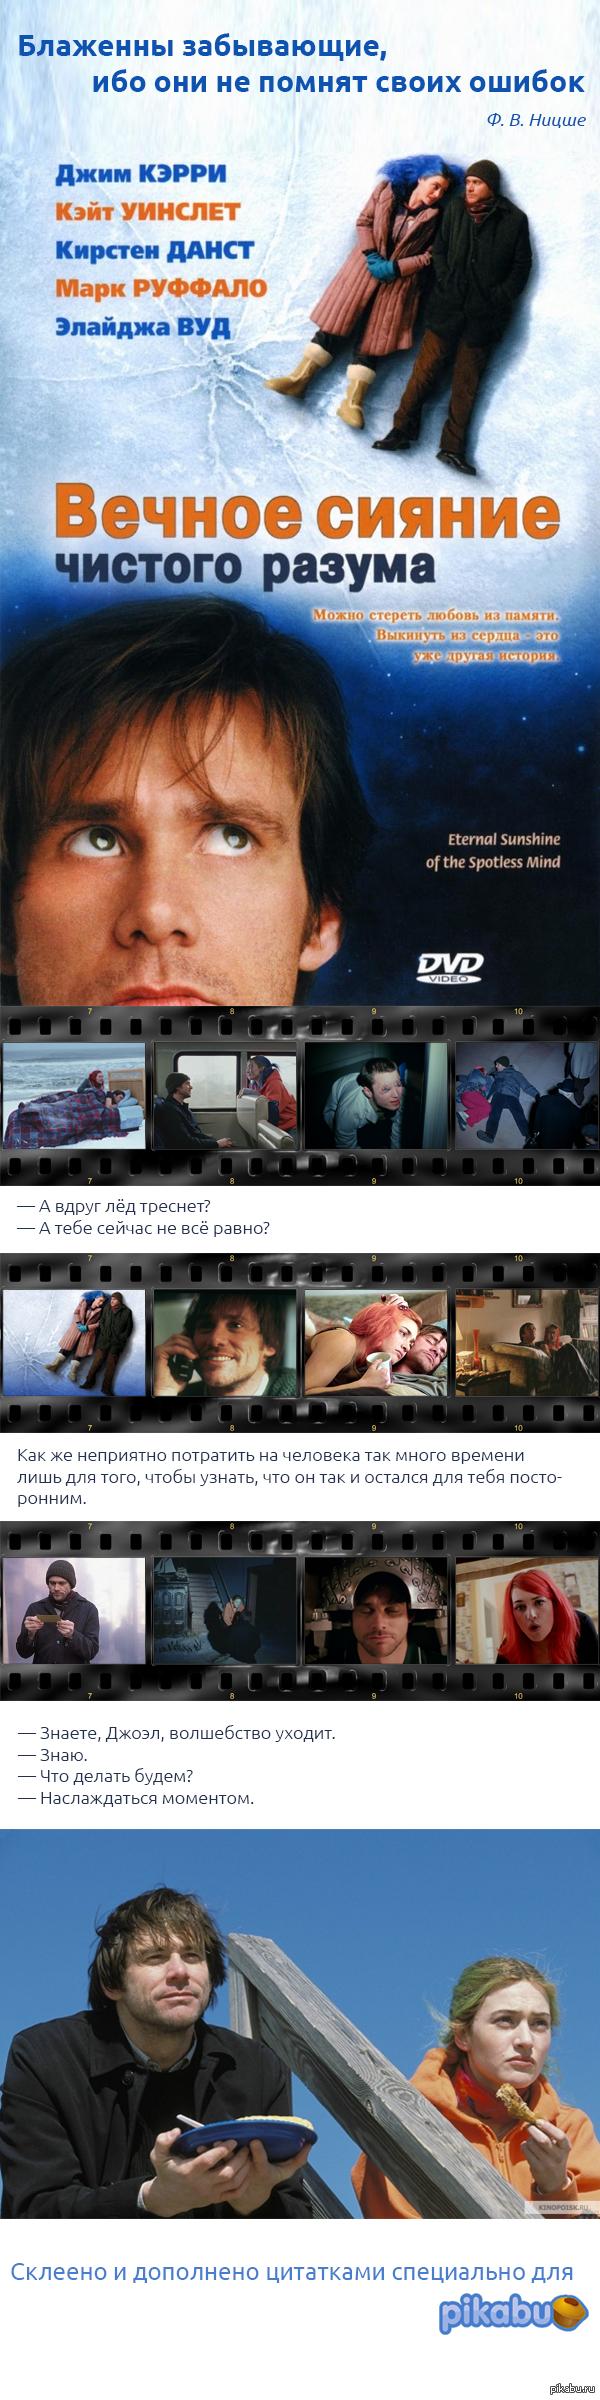 """Чистый разум сияет уже 10 лет 19 марта 2004 года вышел в прокат фильм """"Вечное сияние чистого разума"""", в честь чего и был склеен этот пост."""